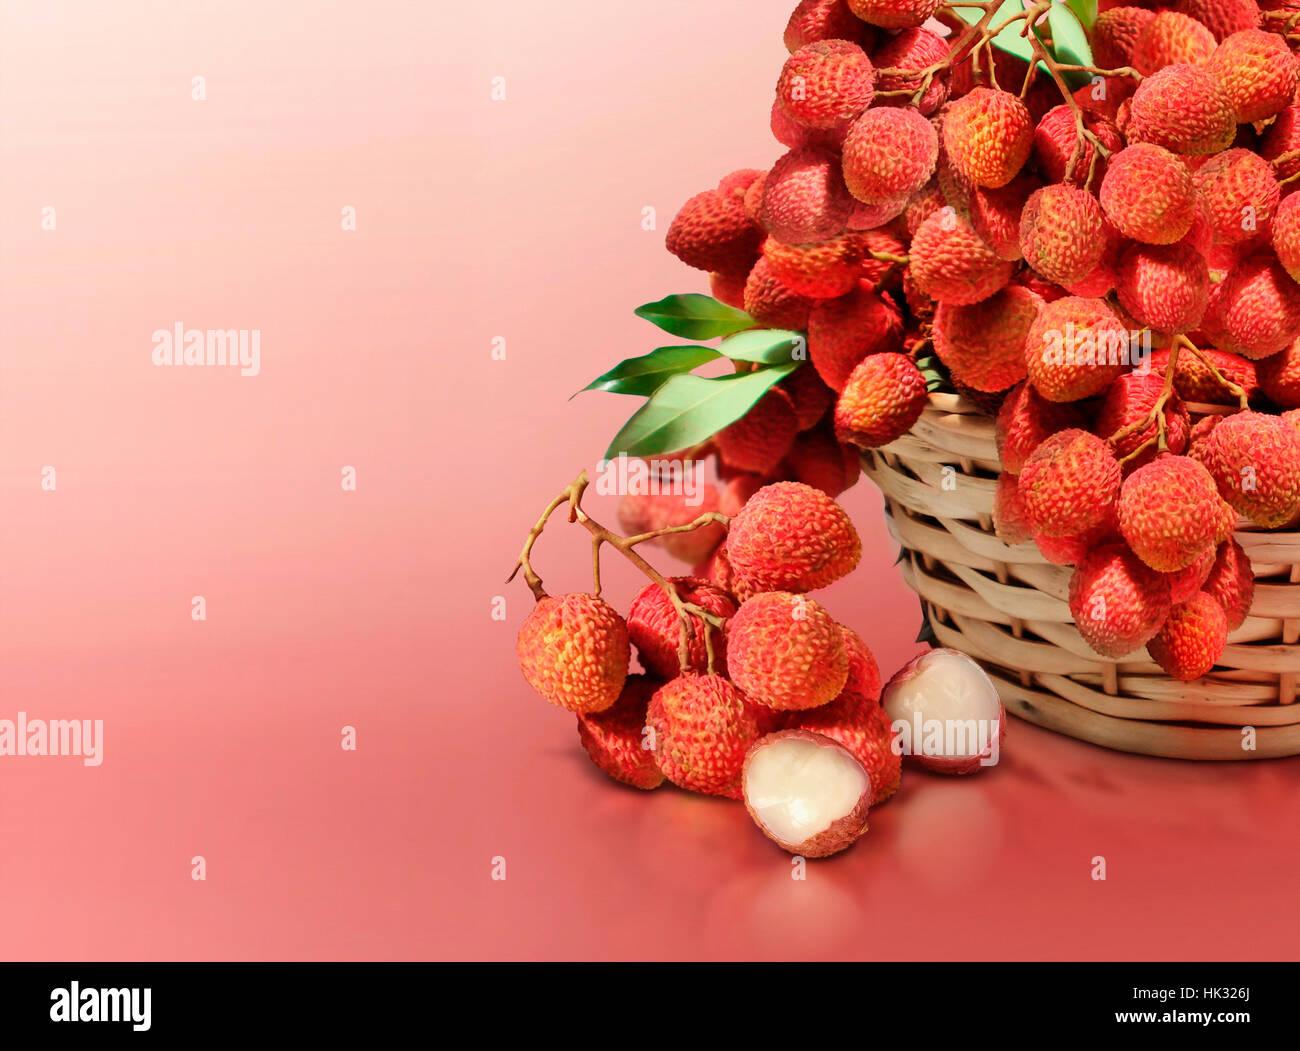 Litschi auf rotem Hintergrund Stockbild